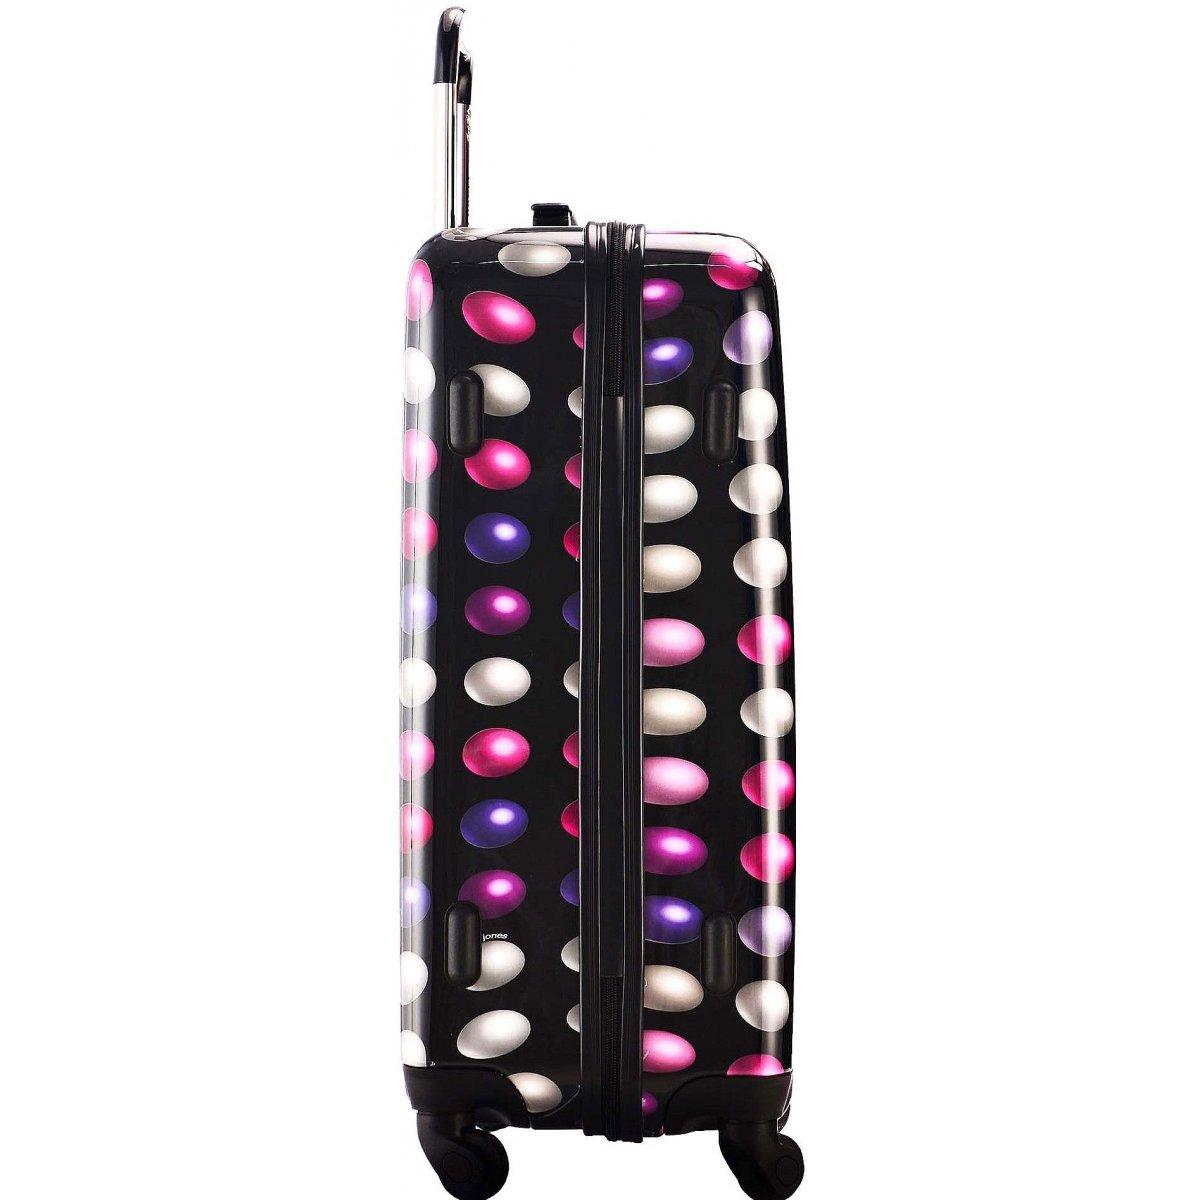 valise rigide david jones taille m 66cm ba20561m couleur principale buzz rose valise pas. Black Bedroom Furniture Sets. Home Design Ideas